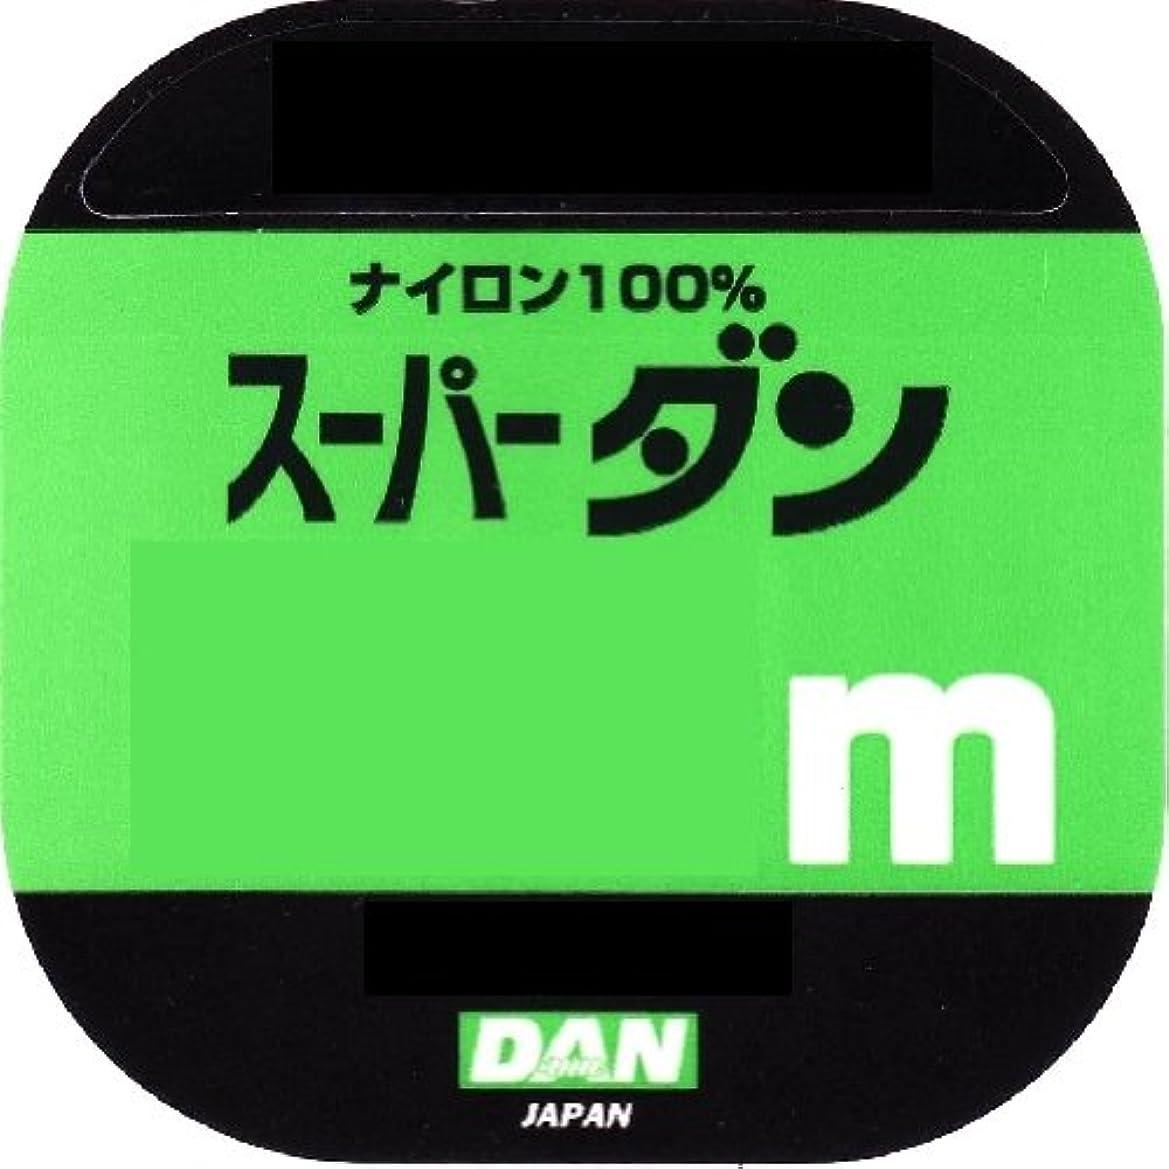 ビュッフェ偽造素晴らしきダン(DAN) ライン スーパーダン 50m 1.5号